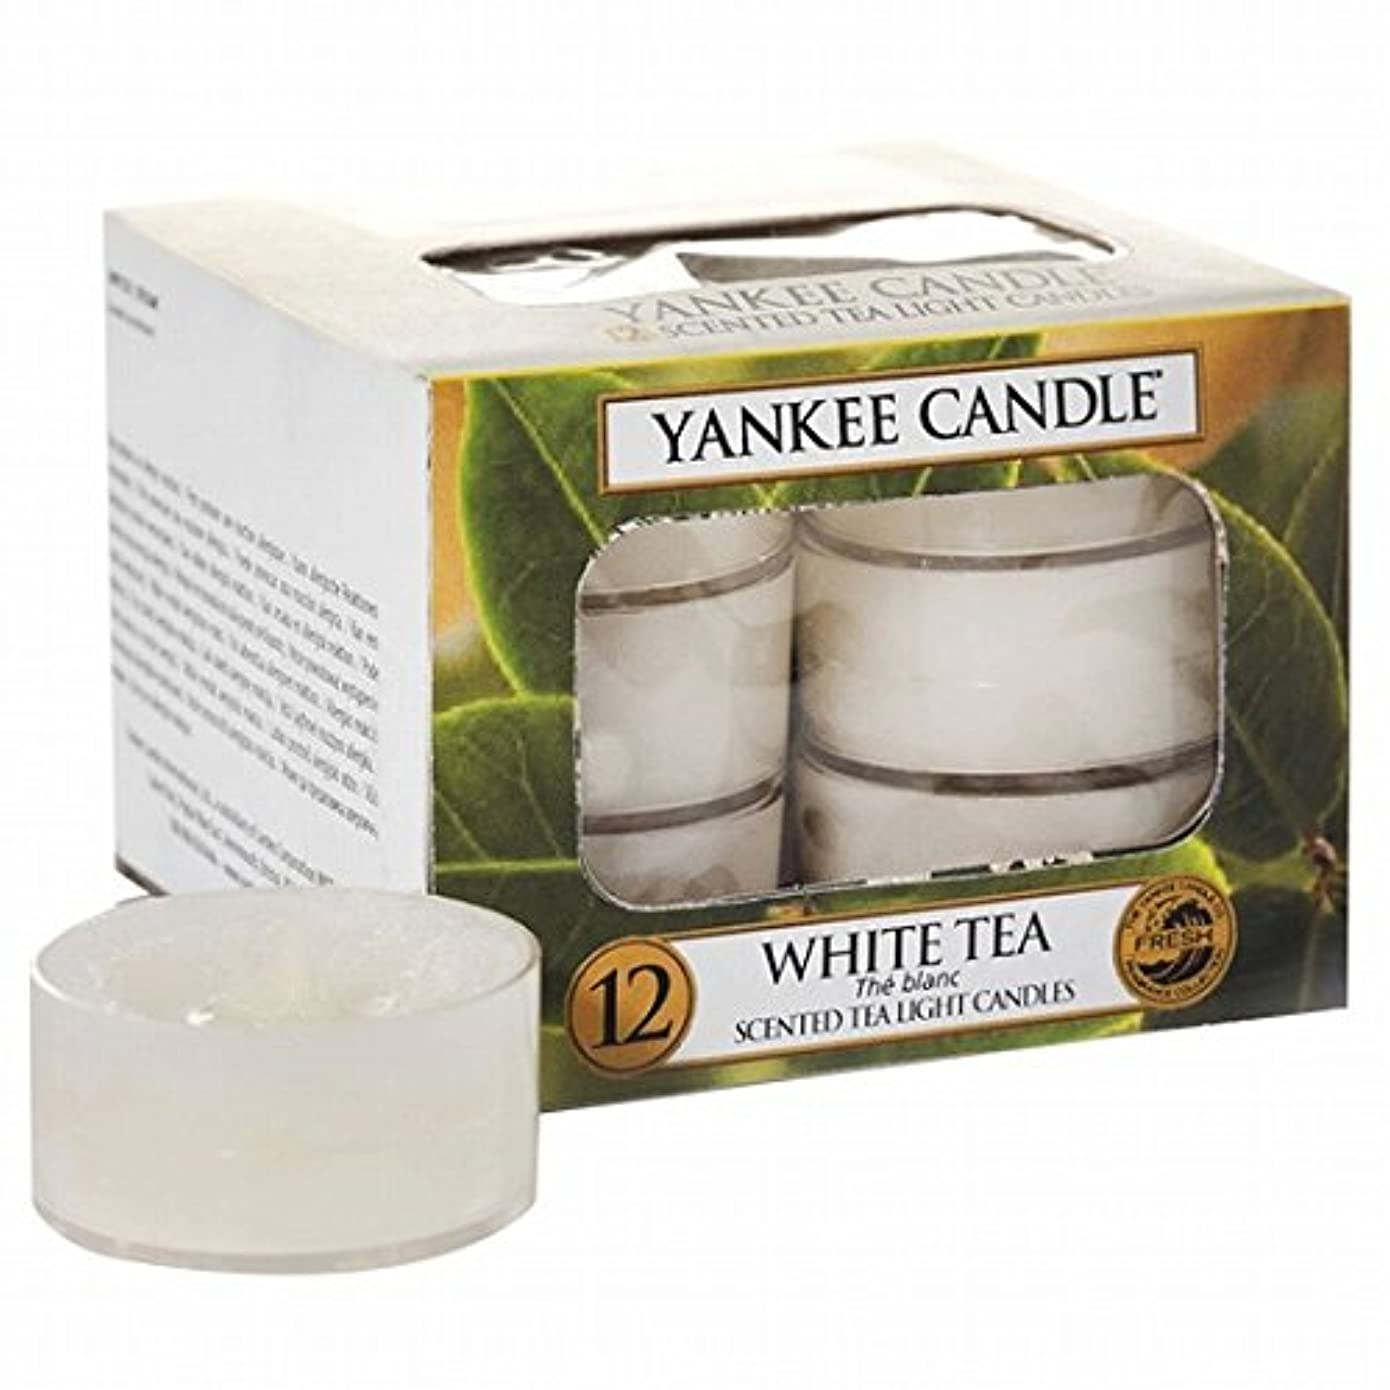 ジョージエリオット酔う弁護人YANKEE CANDLE(ヤンキーキャンドル) YANKEE CANDLE クリアカップティーライト12個入り 「ホワイトティー」(K00505277)